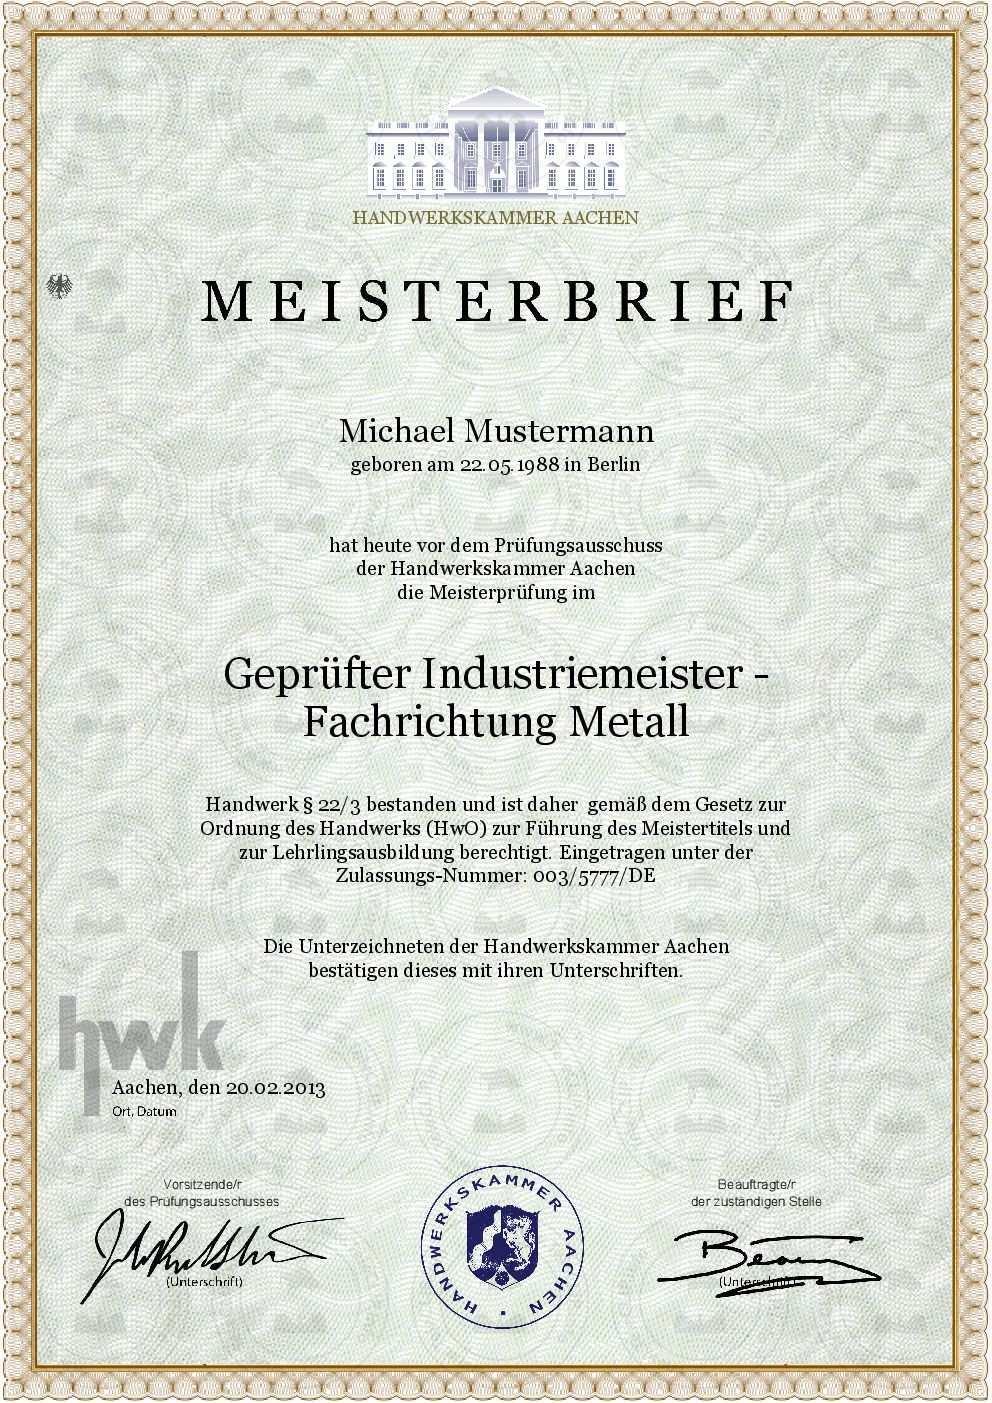 Hwk Meisterbrief Kaufen Hwk Master Urkunde Kaufen Mba Master Kaufen Meistertitel Kaufen Meisterdiplom Kaufen Masterurkunde Ka Meisterbrief Urkunde Meister